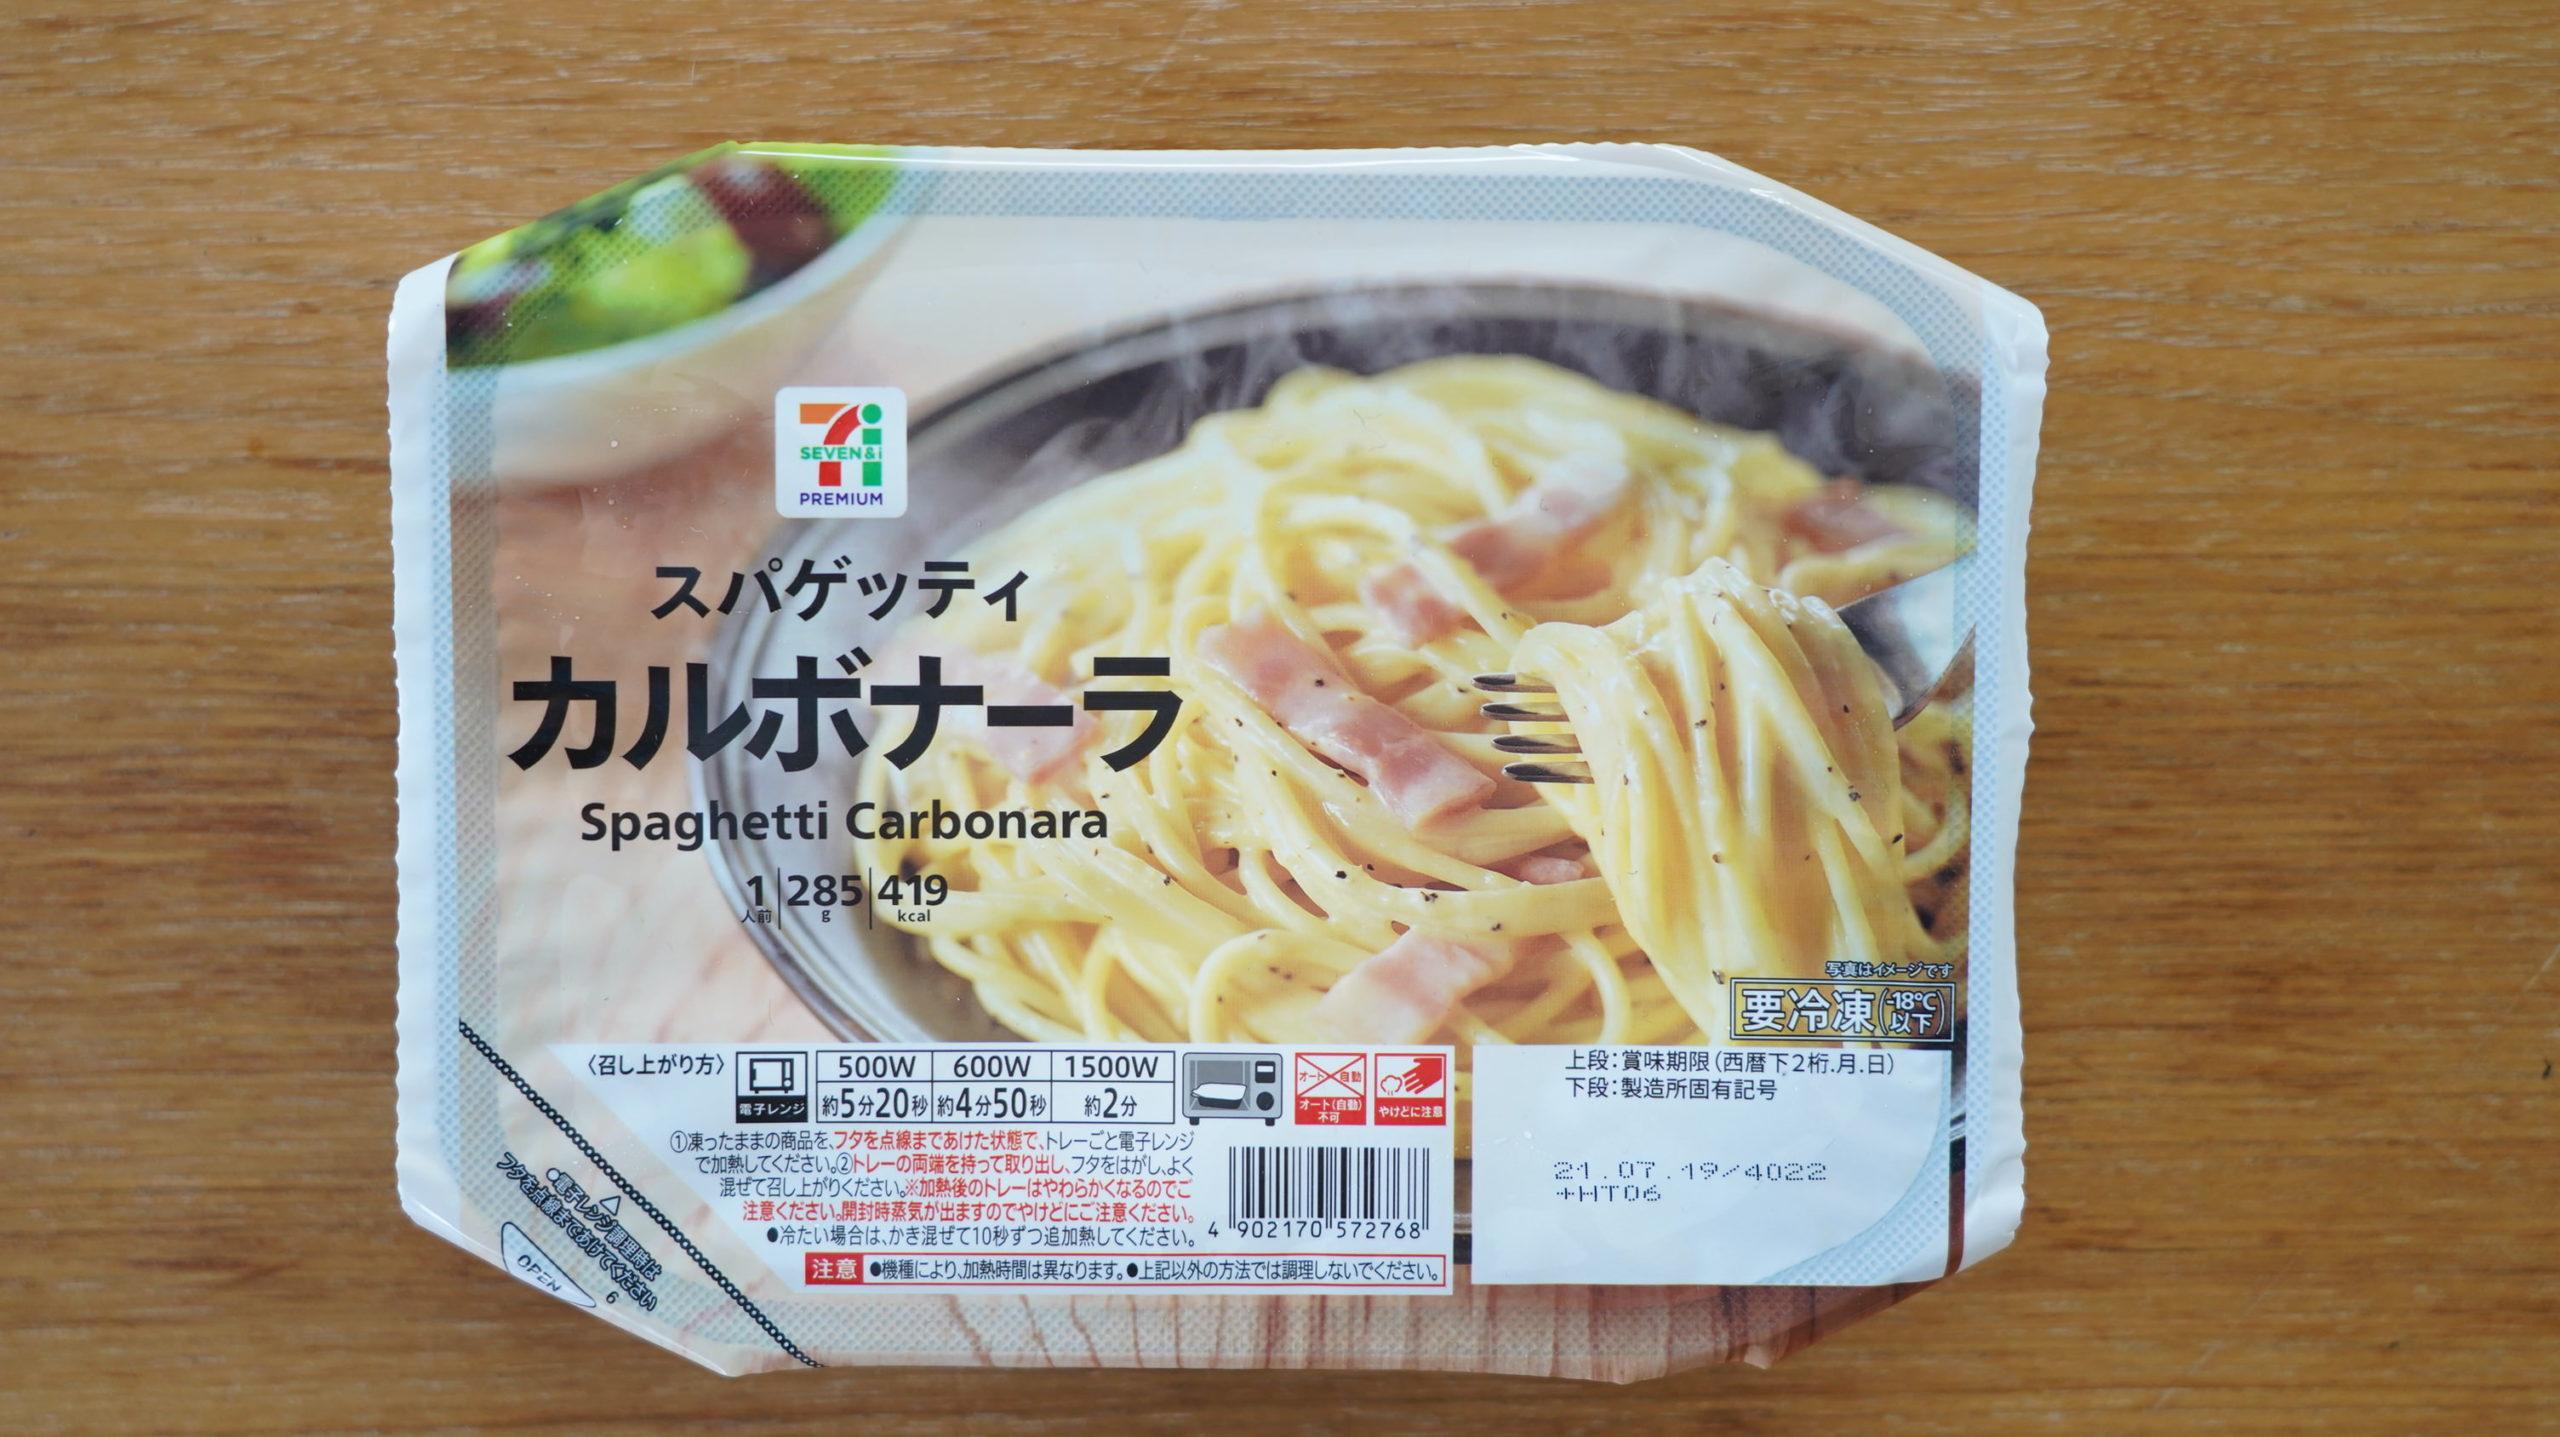 セブンイレブンのおすすめ冷凍食品「スパゲッティカルボナーラ」のパッケージ写真